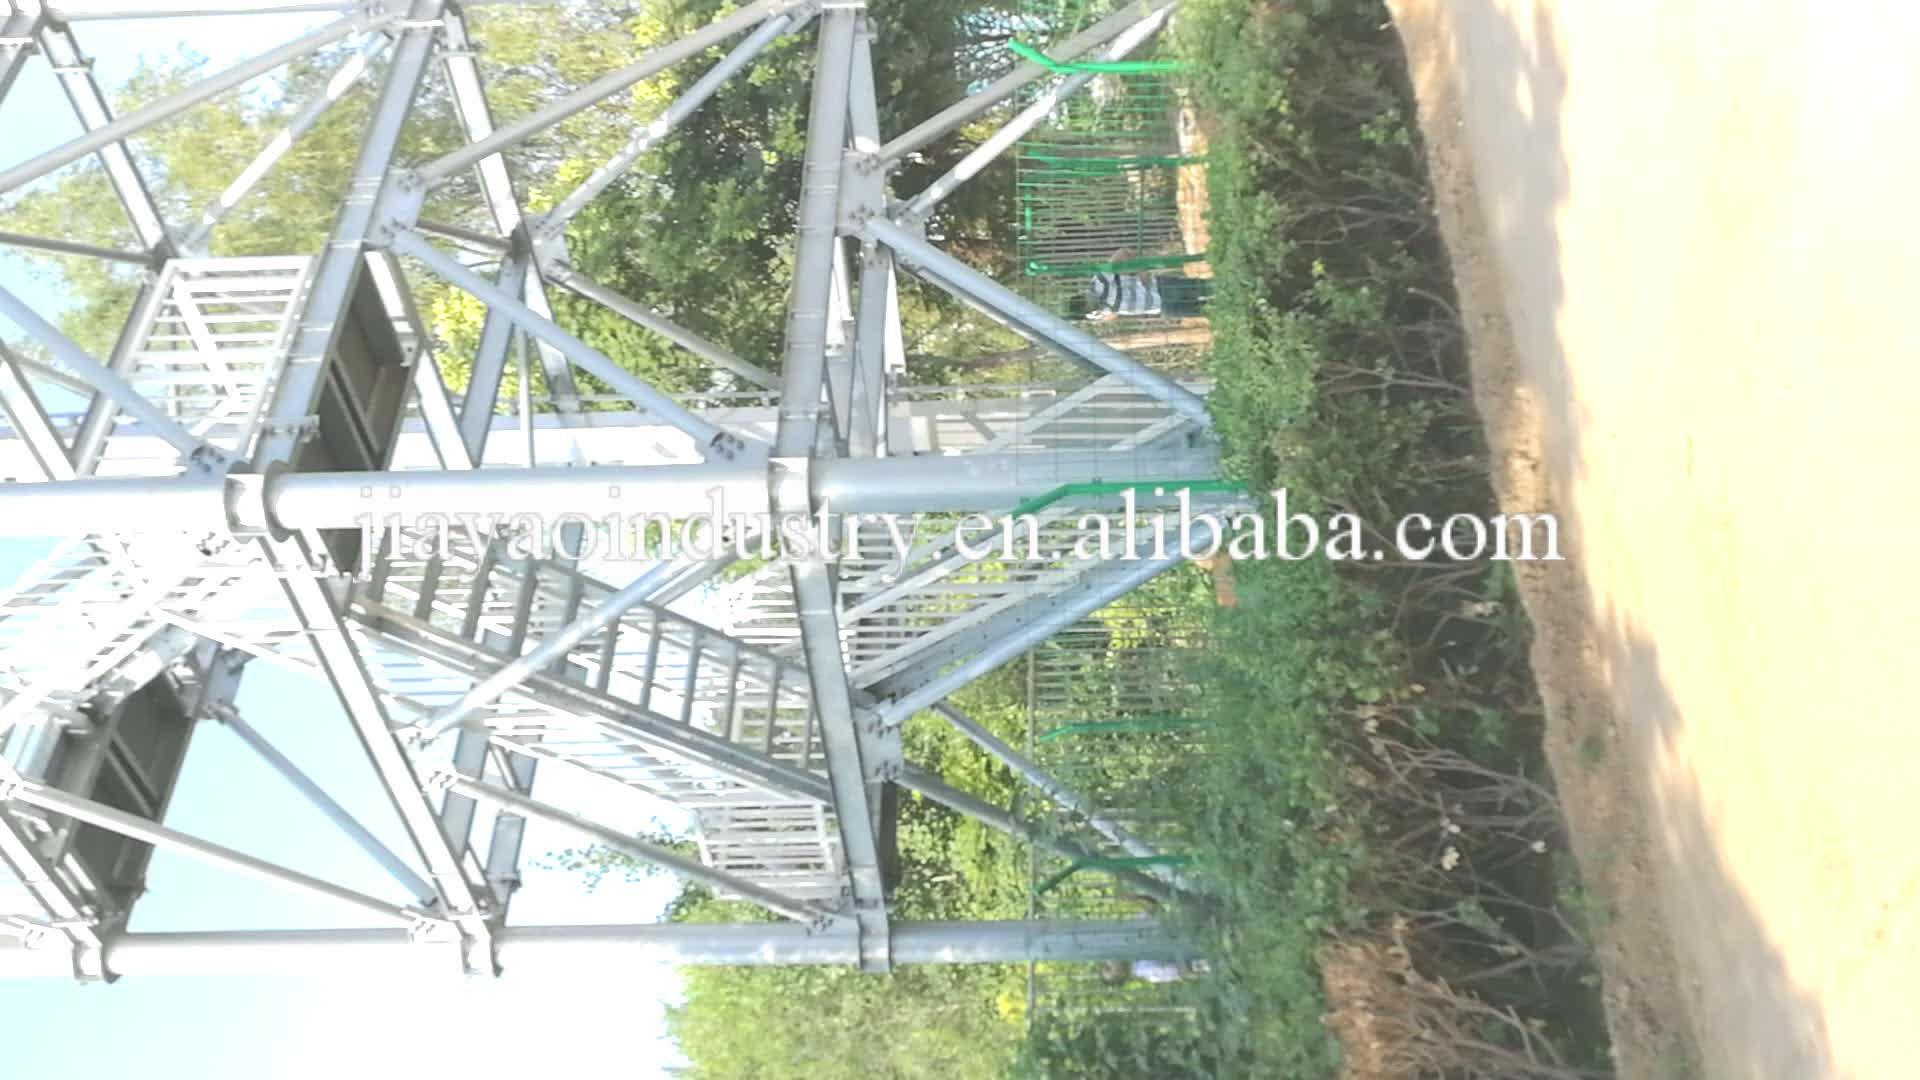 50m जस्ती चार पैर वाले मुक्त खड़े धातु कार्बन सीएनसी स्टील आग गार्ड चीन लुकआउट सुरक्षा टावरों के लिए अवलोकन